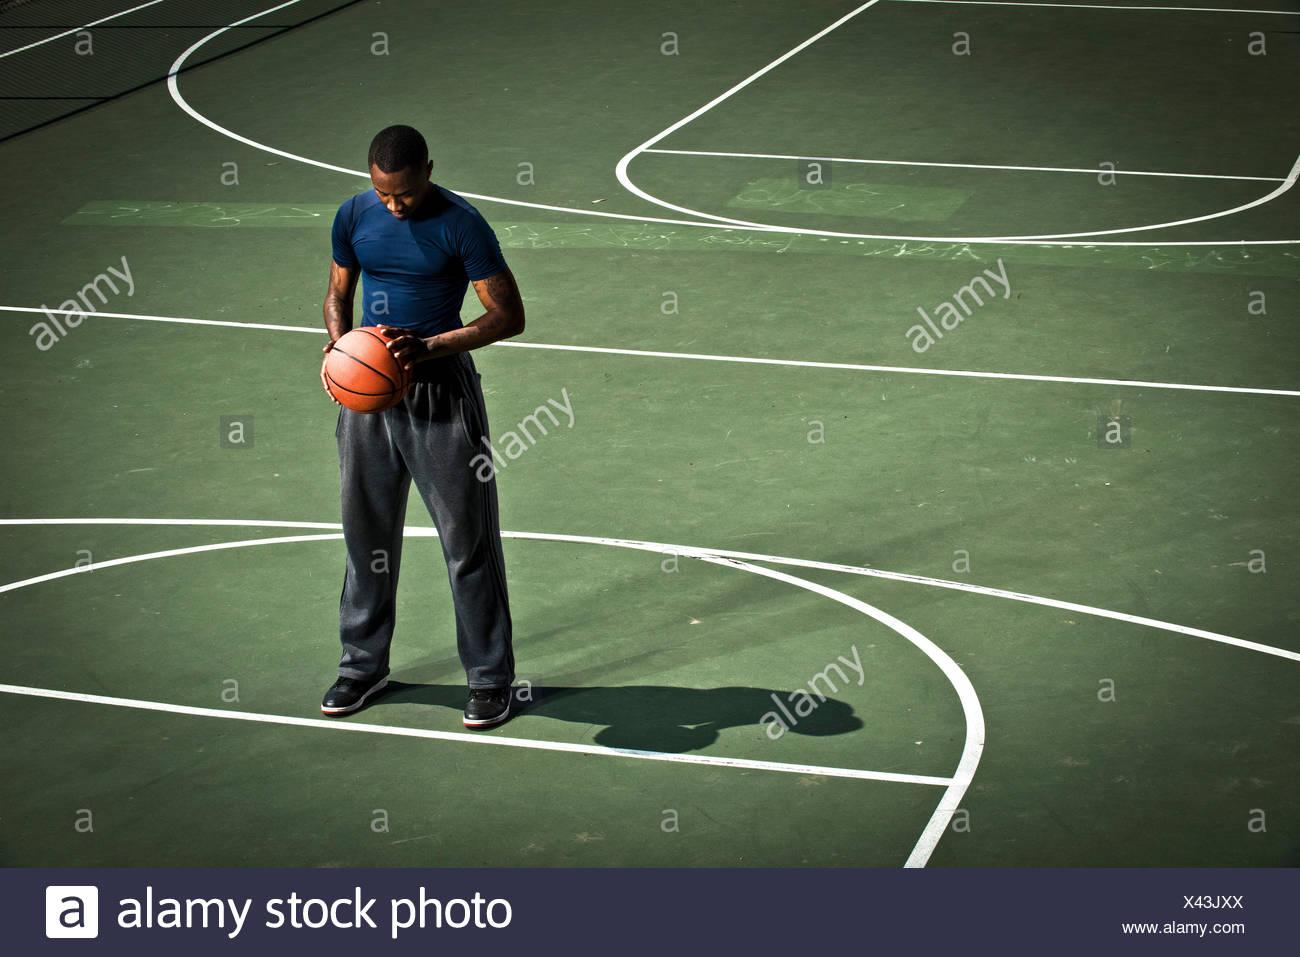 Un giocatore di basket practice libera getta. Immagini Stock